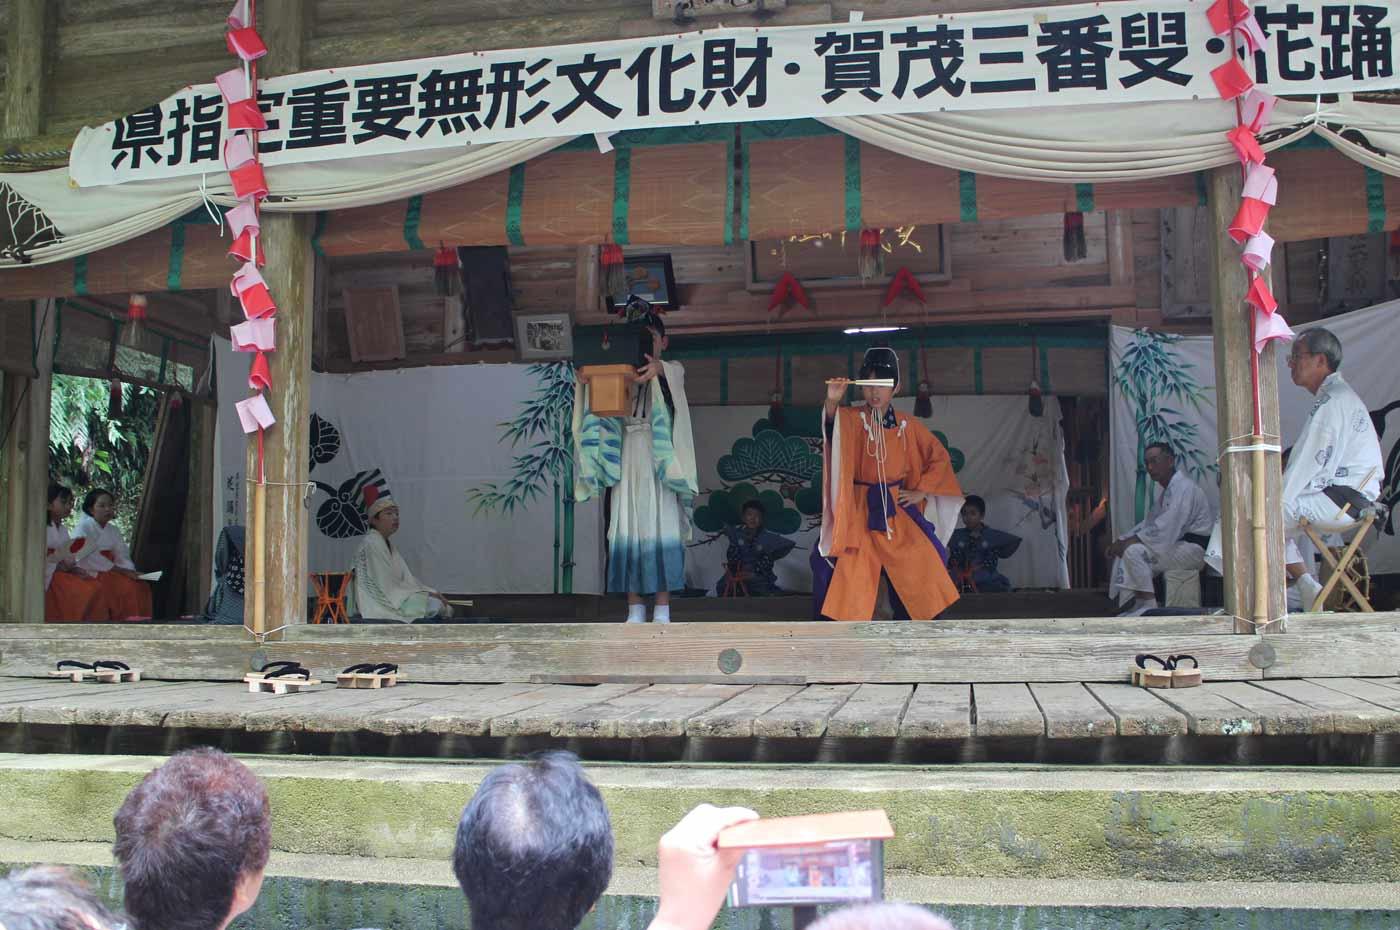 賀茂神社の三番叟 翁の舞い